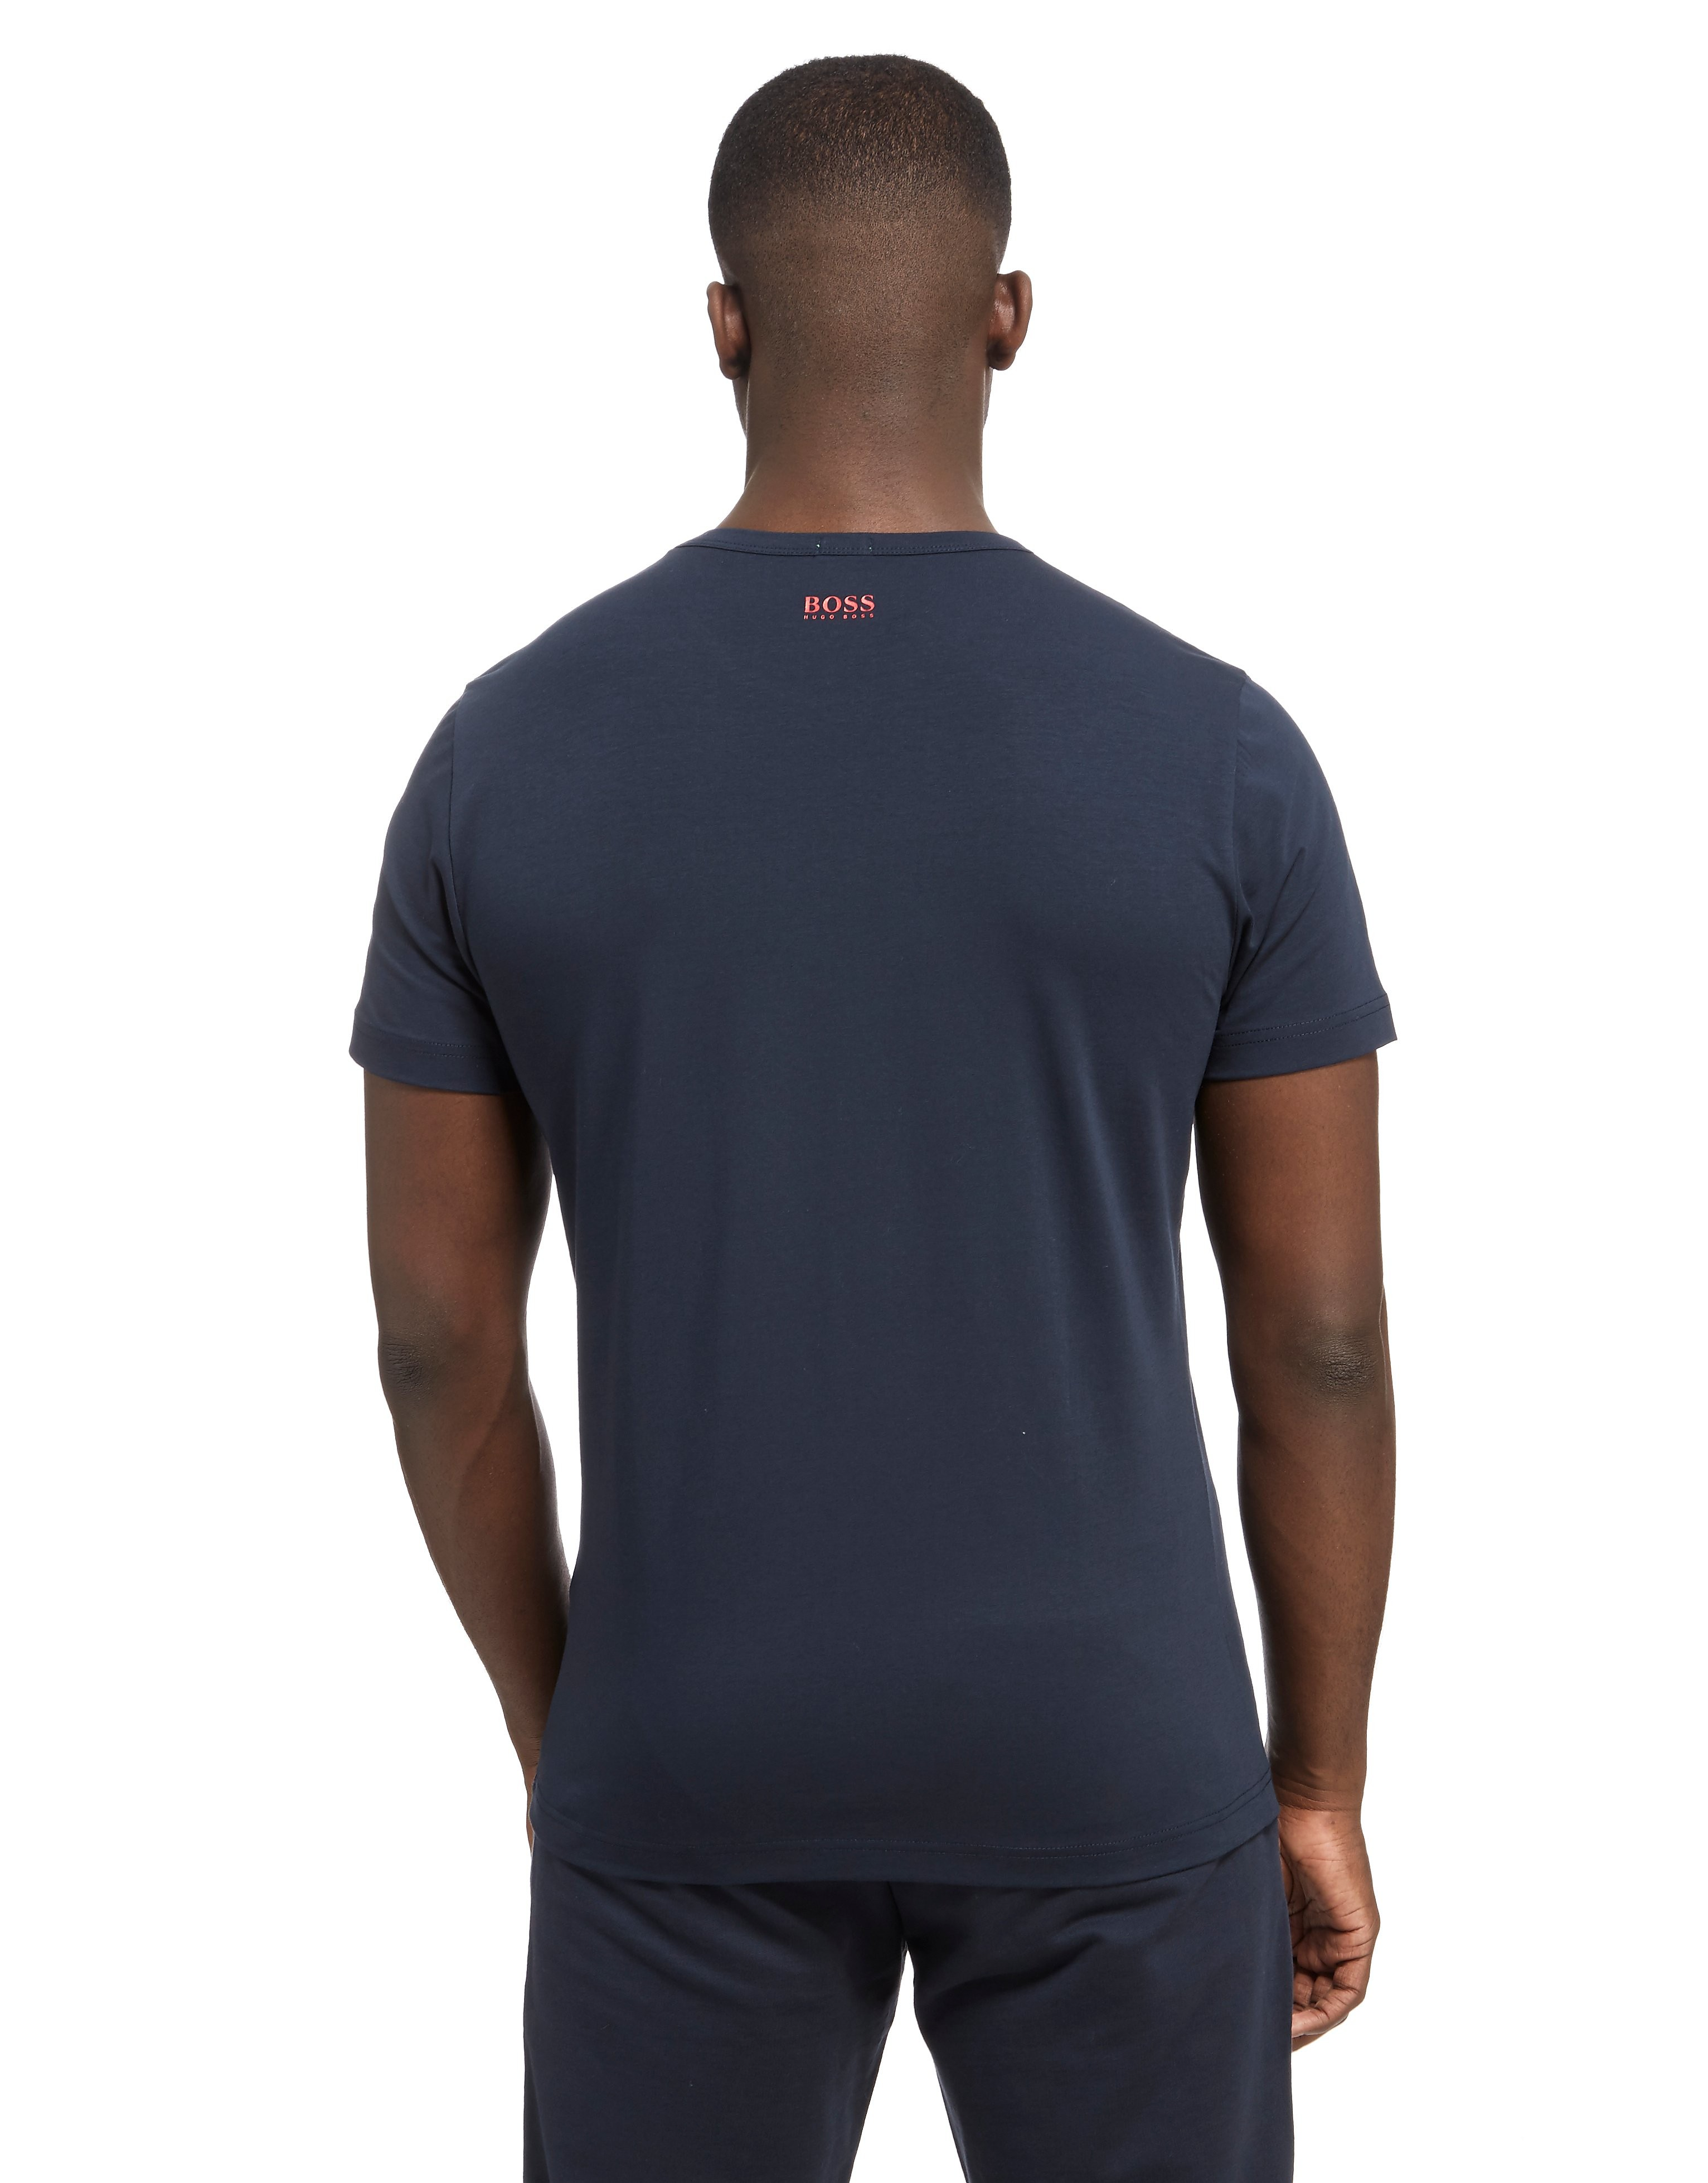 BOSS Green Tee 6 T-Shirt